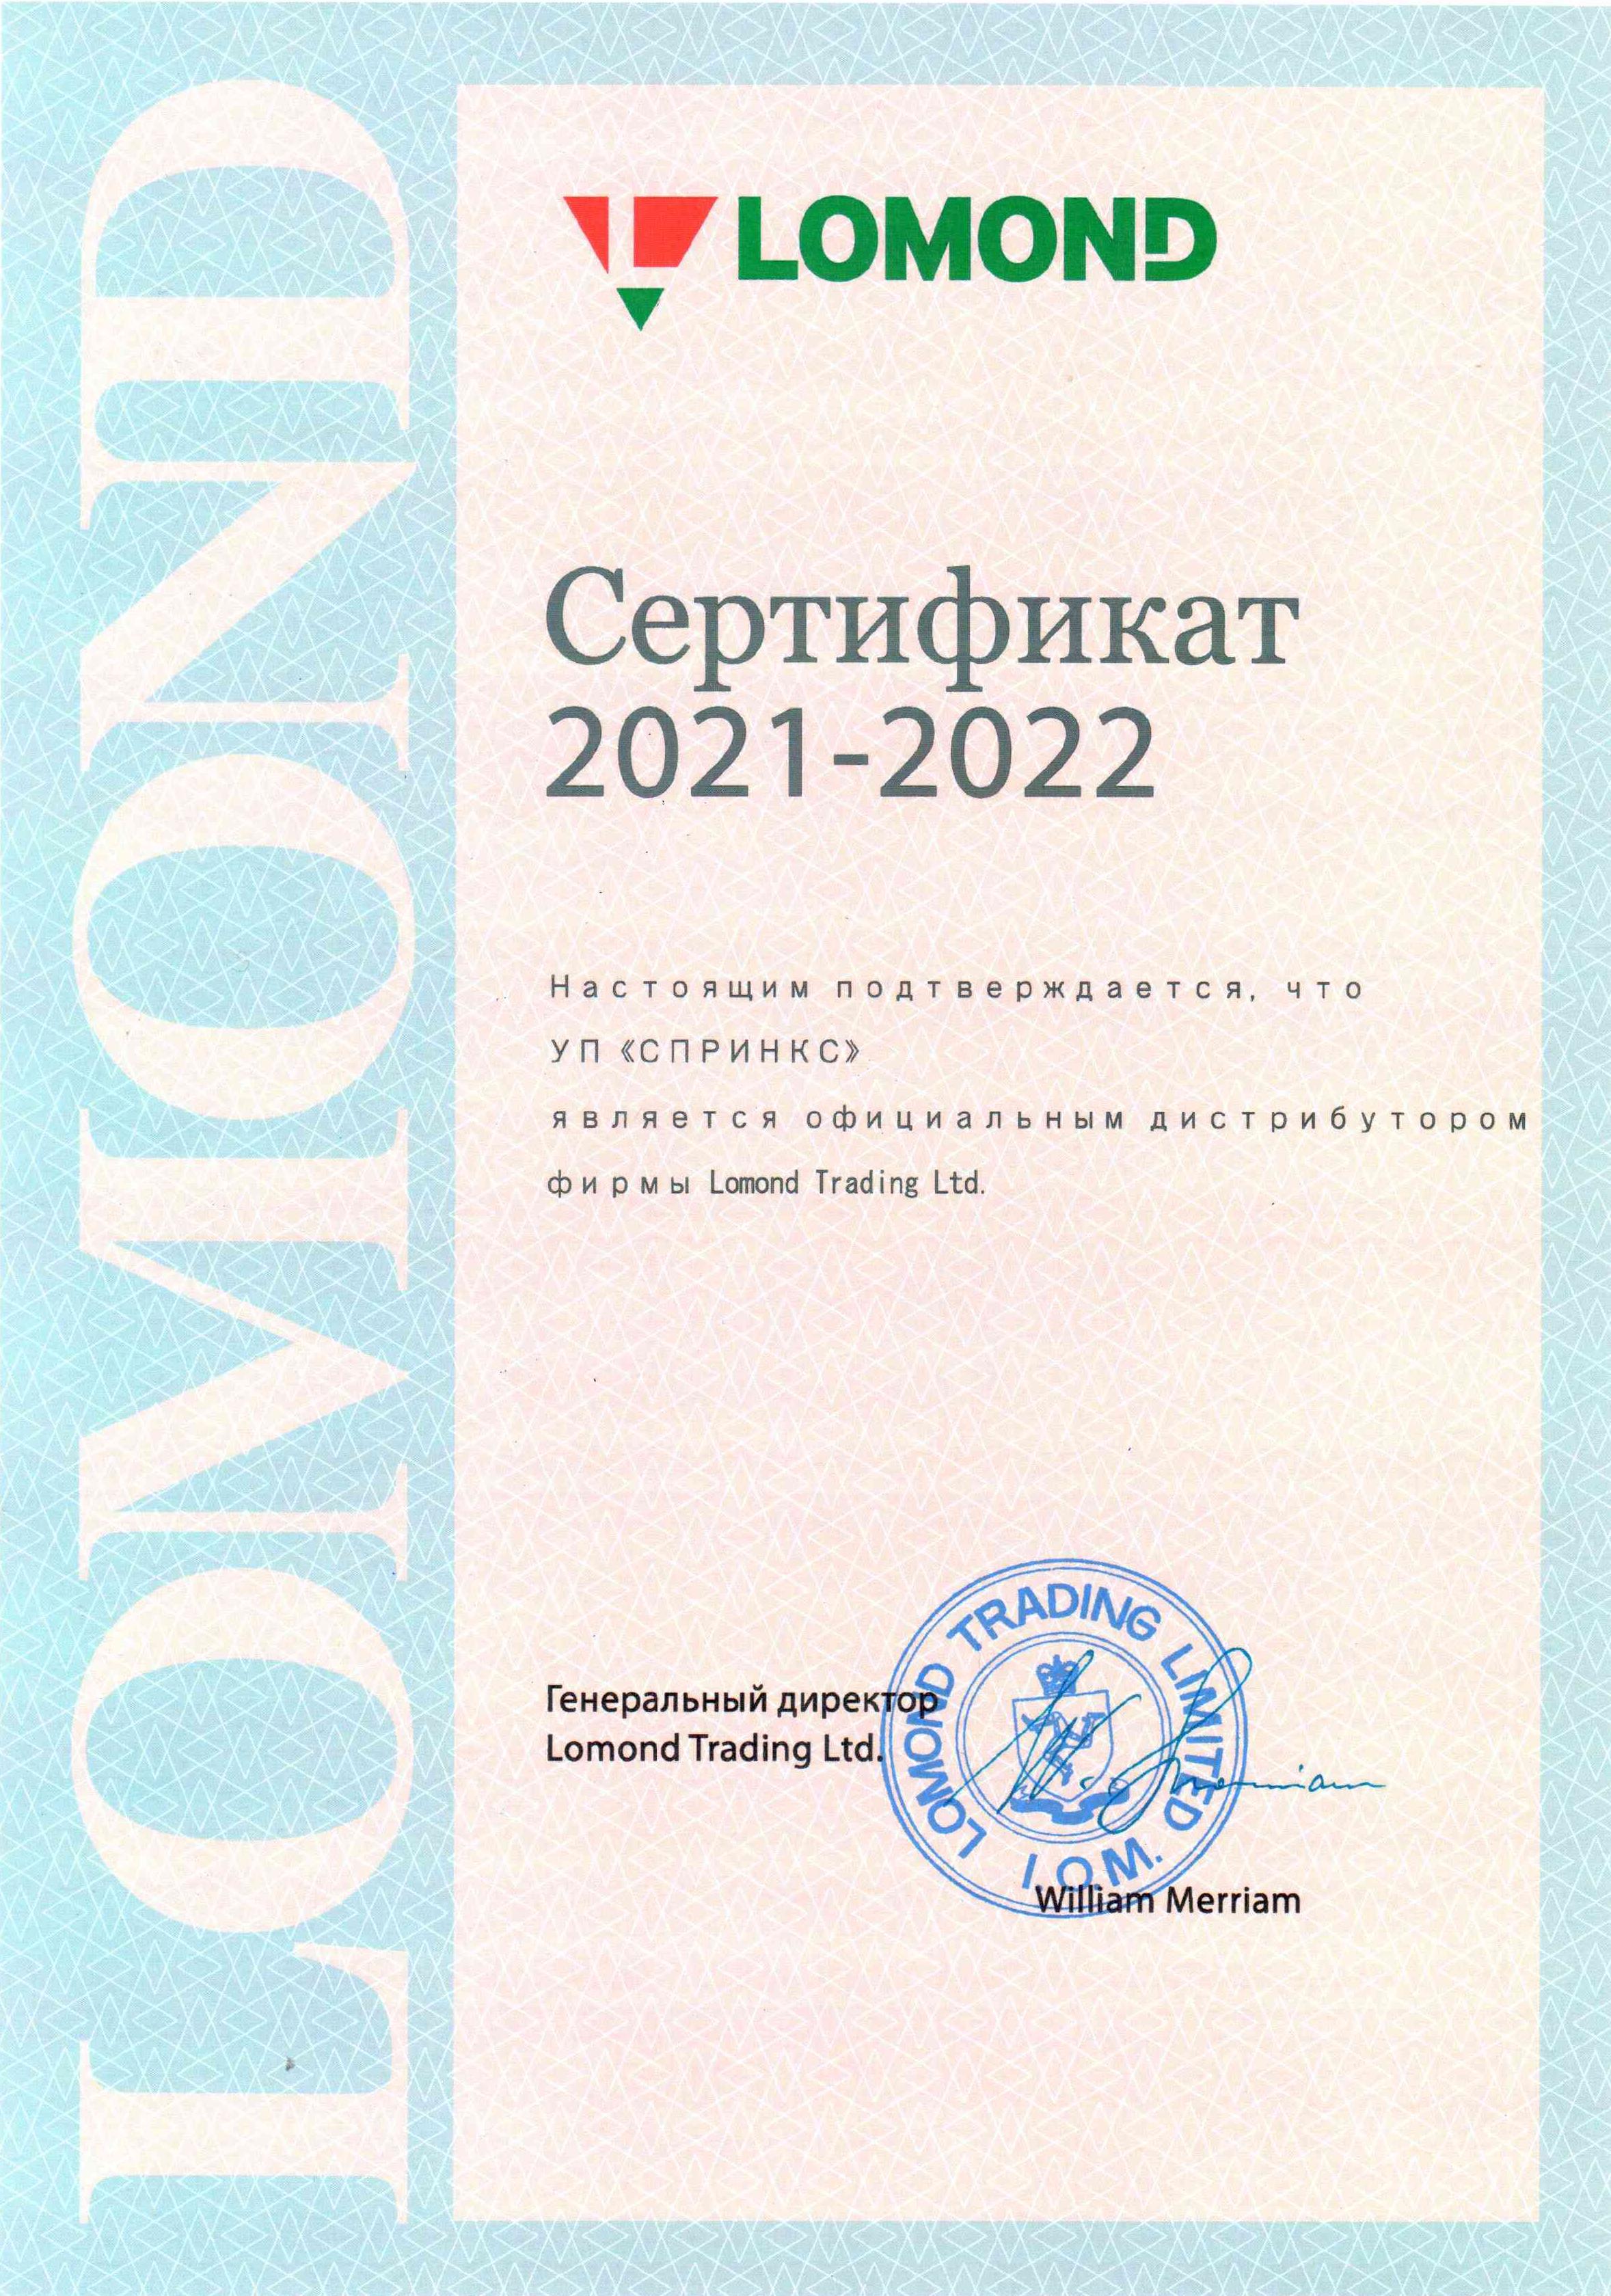 Сертификат Ломонд